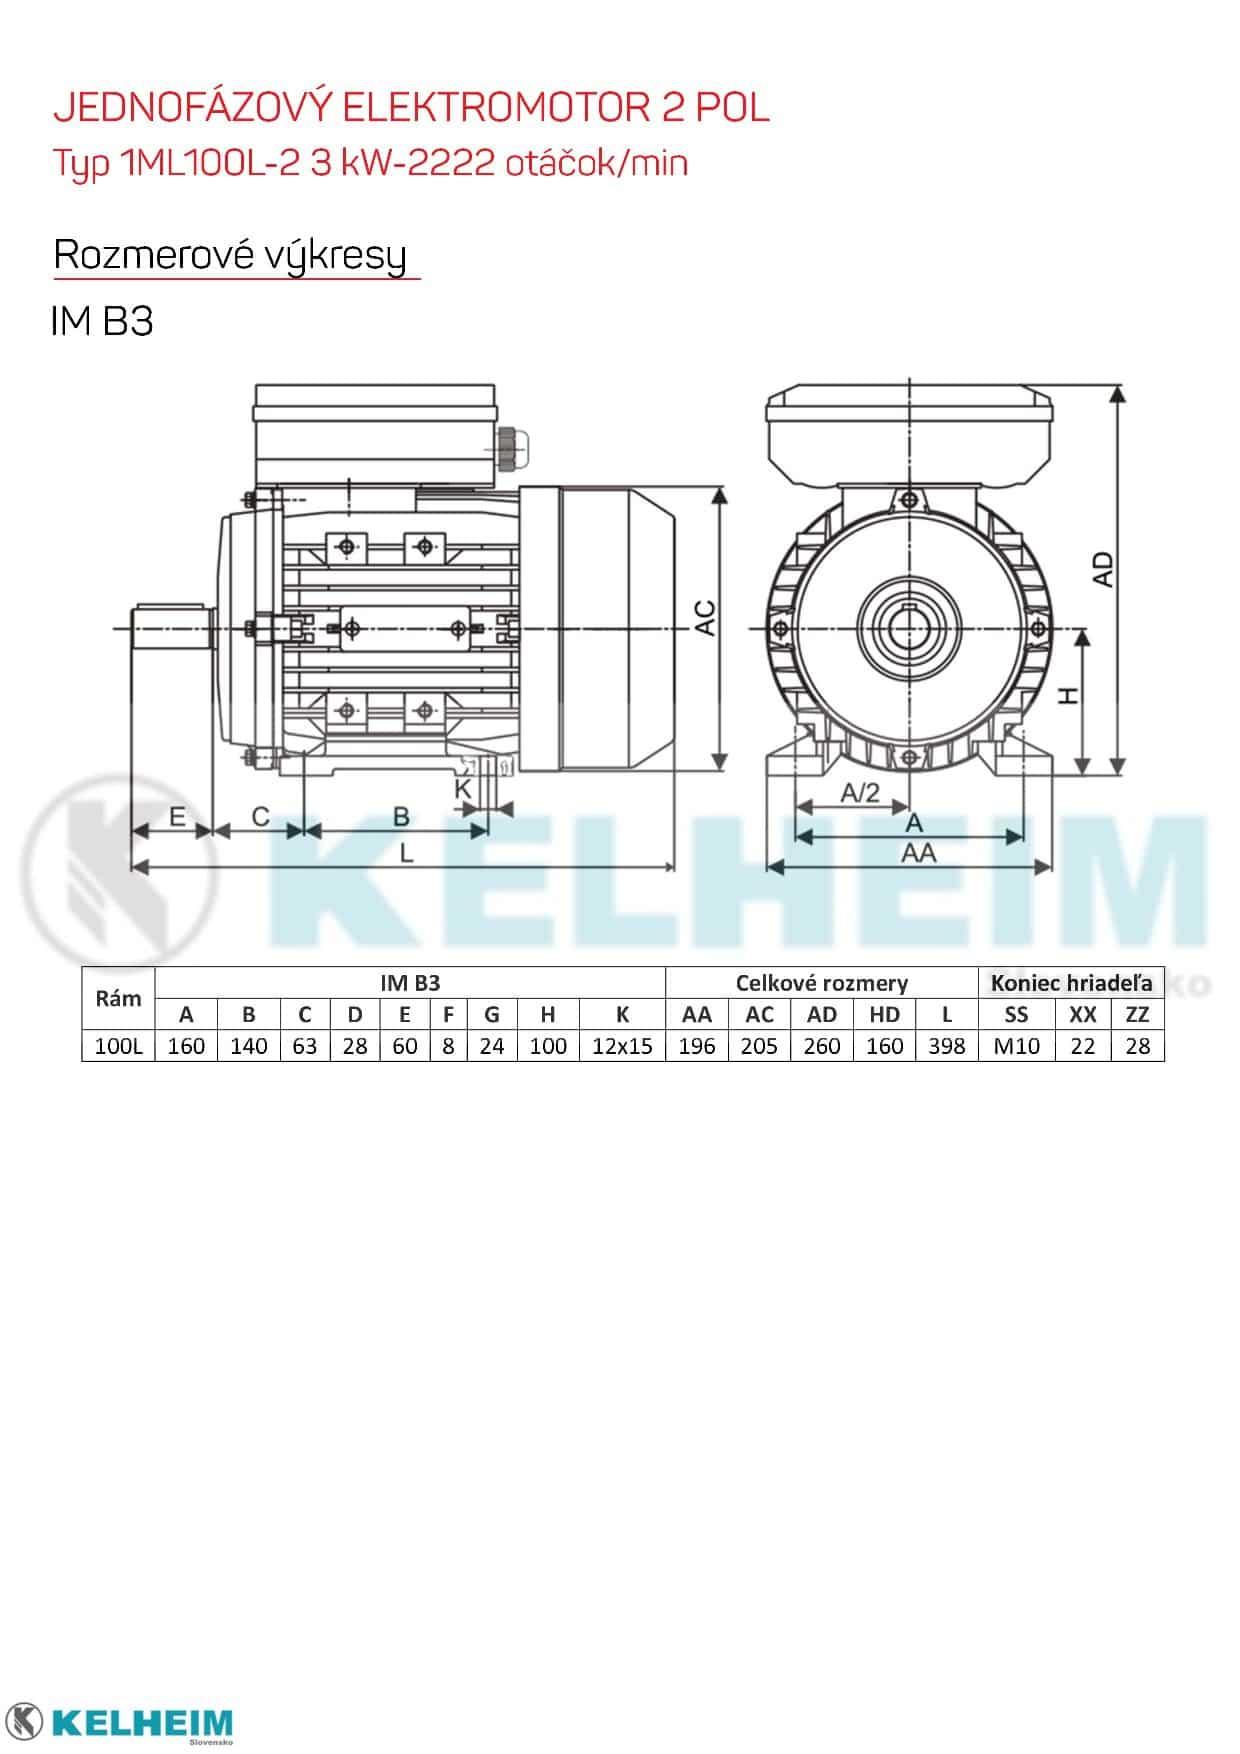 rozměrový výkres - jednofázový elektromotor 3kw